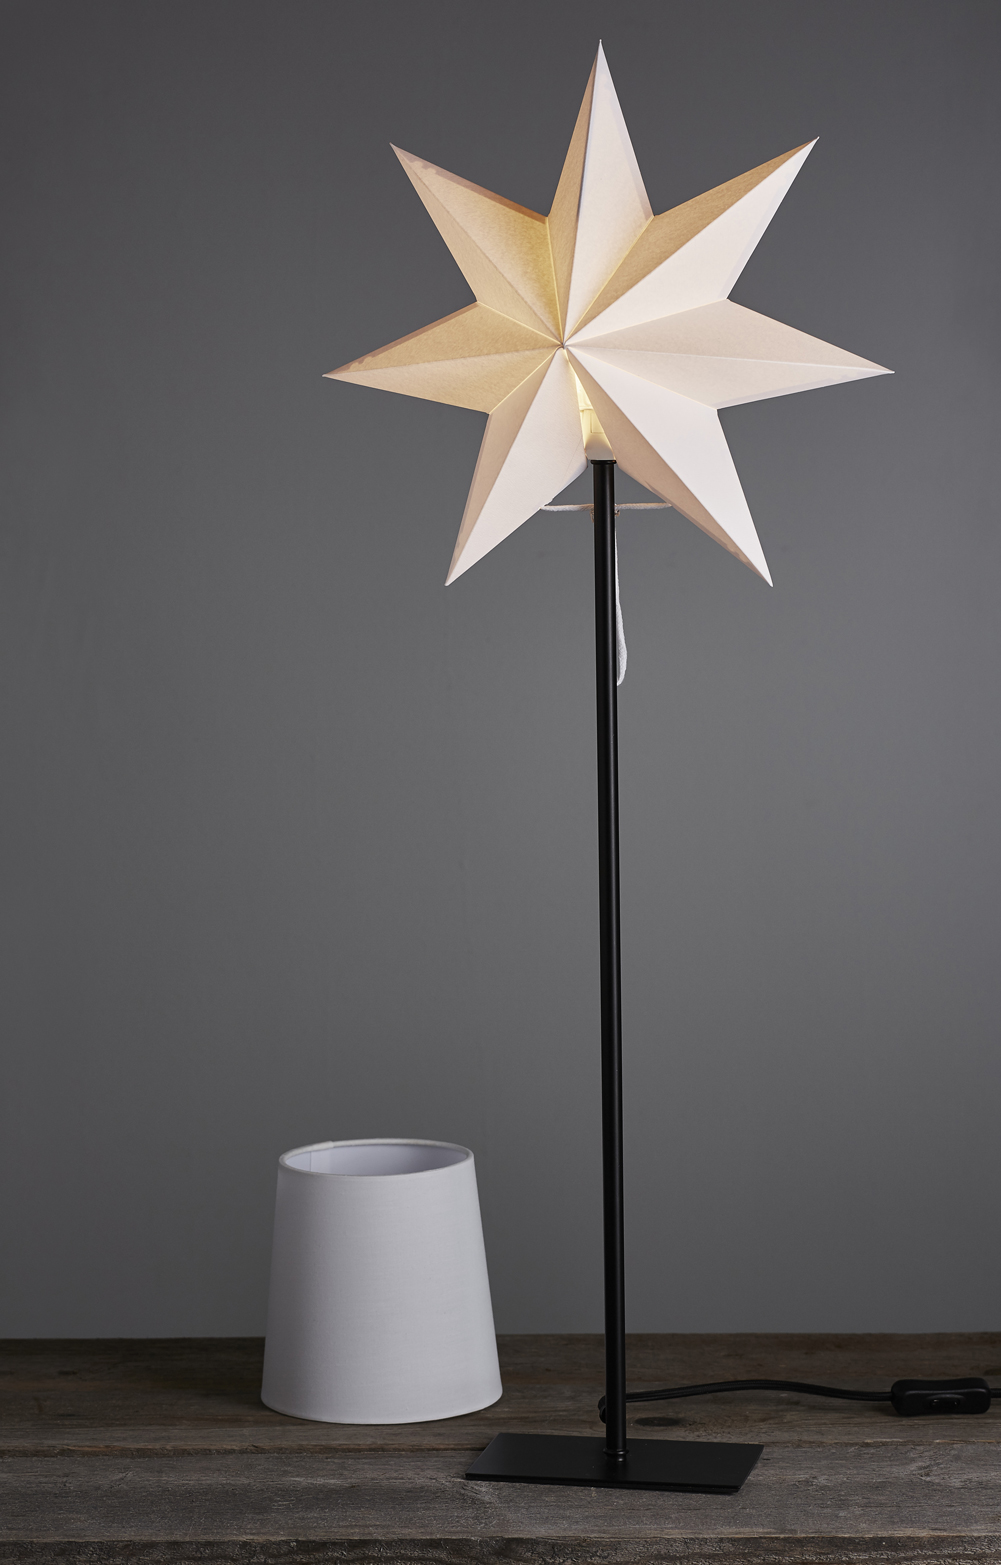 Tischlampe 2 In 1 Lampenschirm Und Stern Creme Lampe Stehlampe Schwarz Ebay